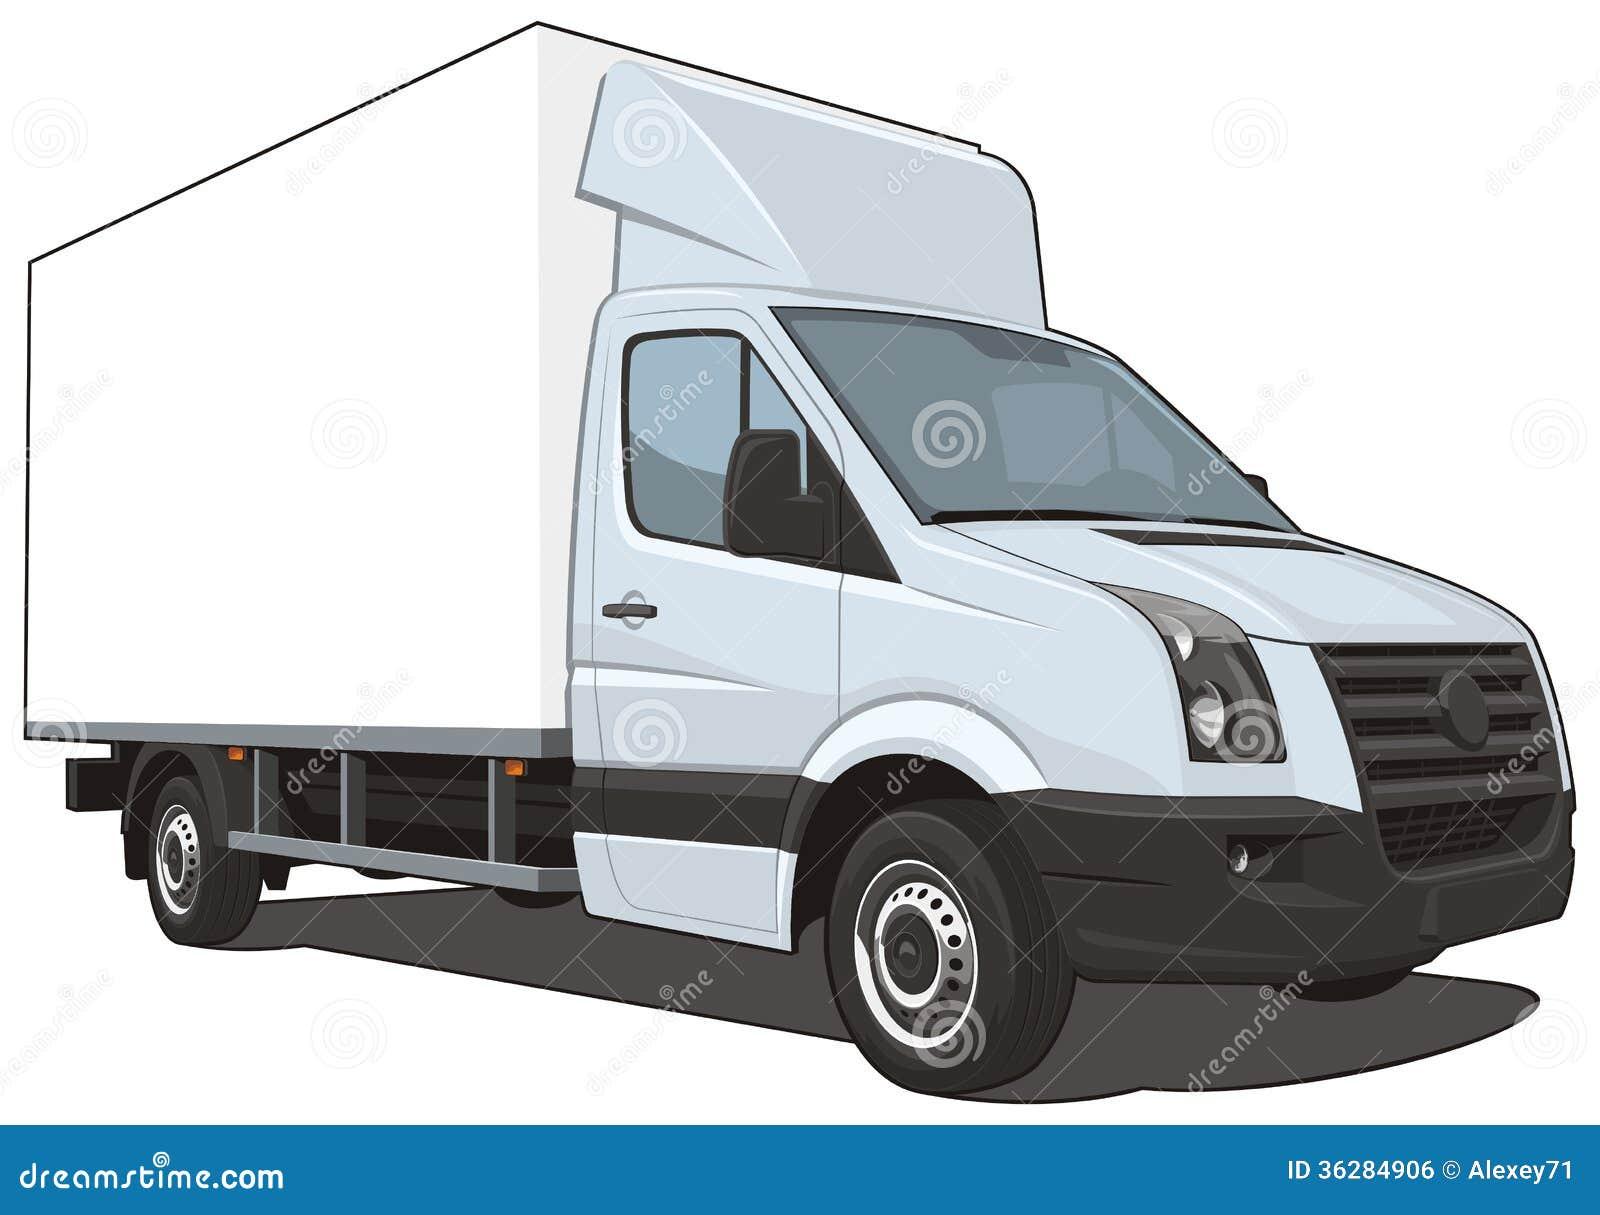 camion de livraison image libre de droits image 36284906. Black Bedroom Furniture Sets. Home Design Ideas